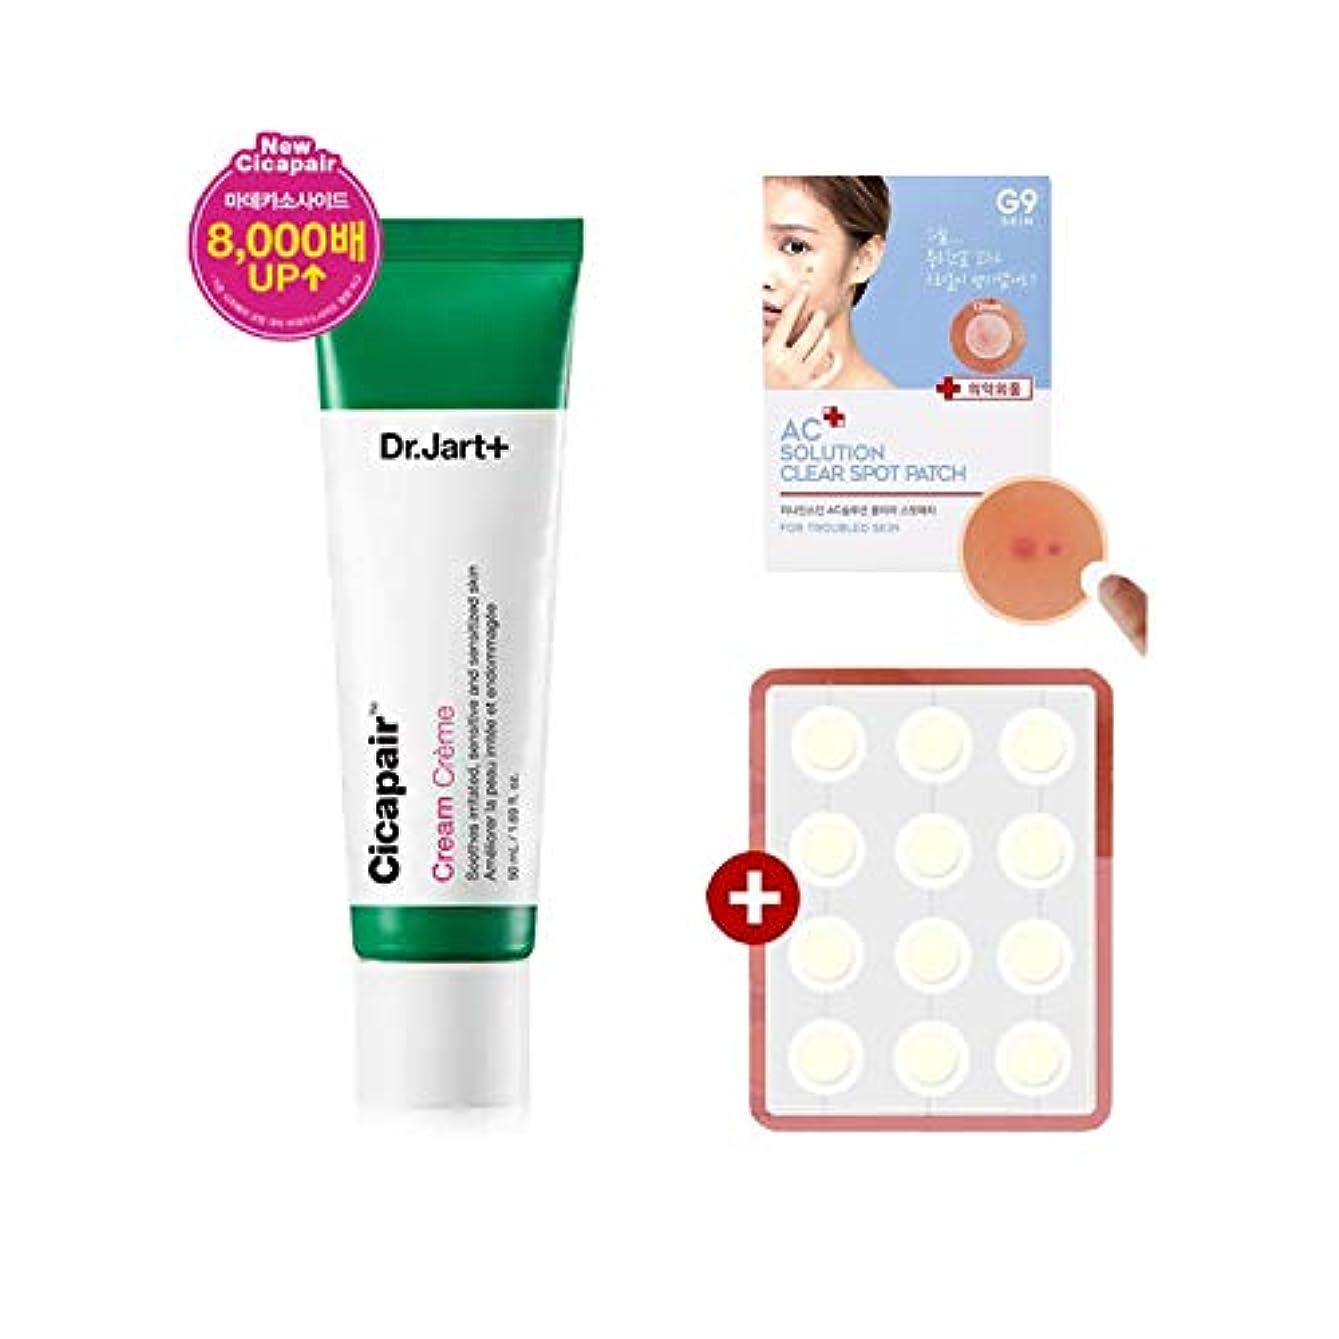 変形アナロジー思想[リニューアル] Dr.Jart Cicapair Cream クリーム50ml(2代目)+ G9SKIN ACソリューションクリアパッチ 12枚 [並行輸入品]